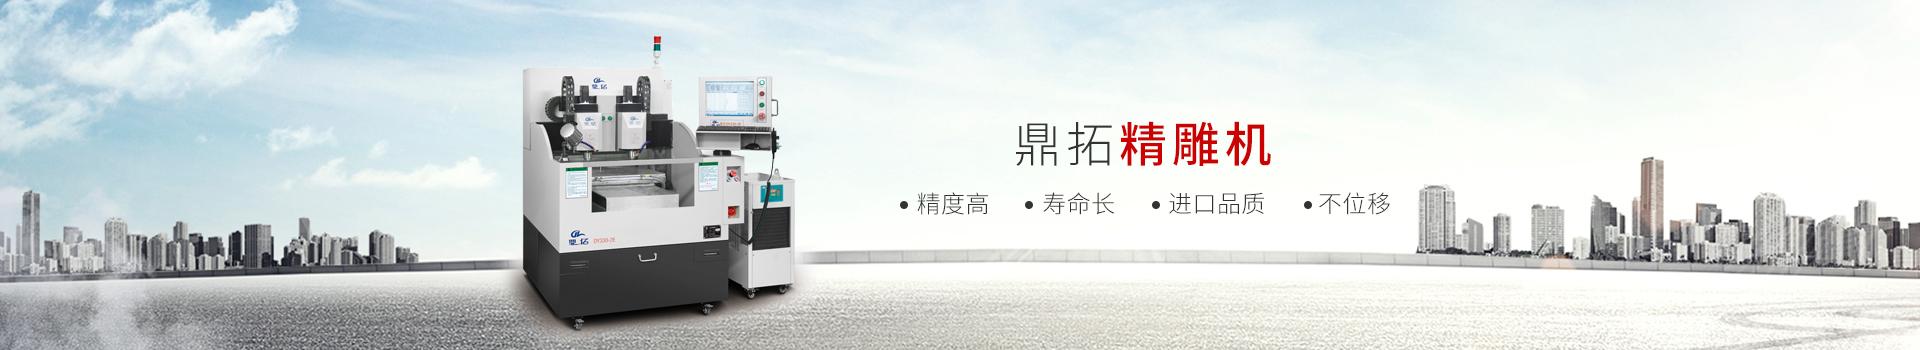 鼎拓数控精雕机-精度高,寿命长,进口品质